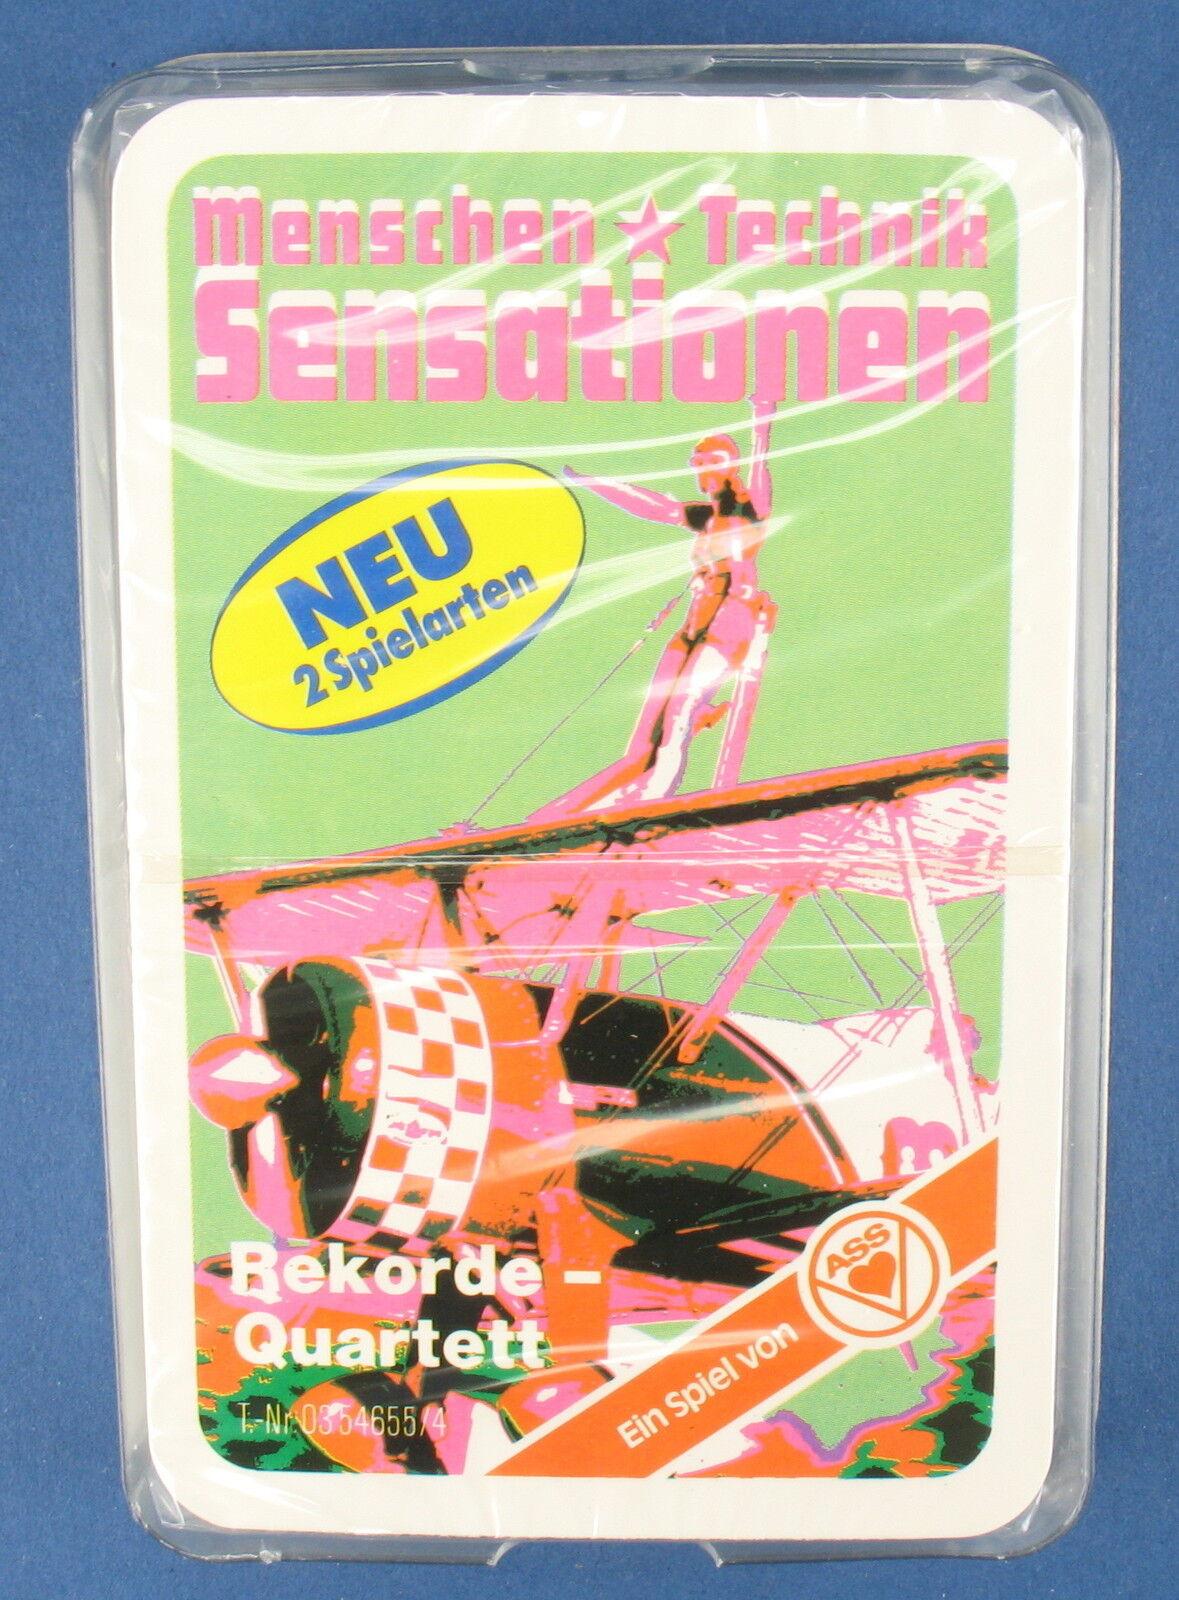 Rekorde-Quartett - Doppeldecker - ASS - Nr. 03 54655 4 - von 1980 - NEU in Folie